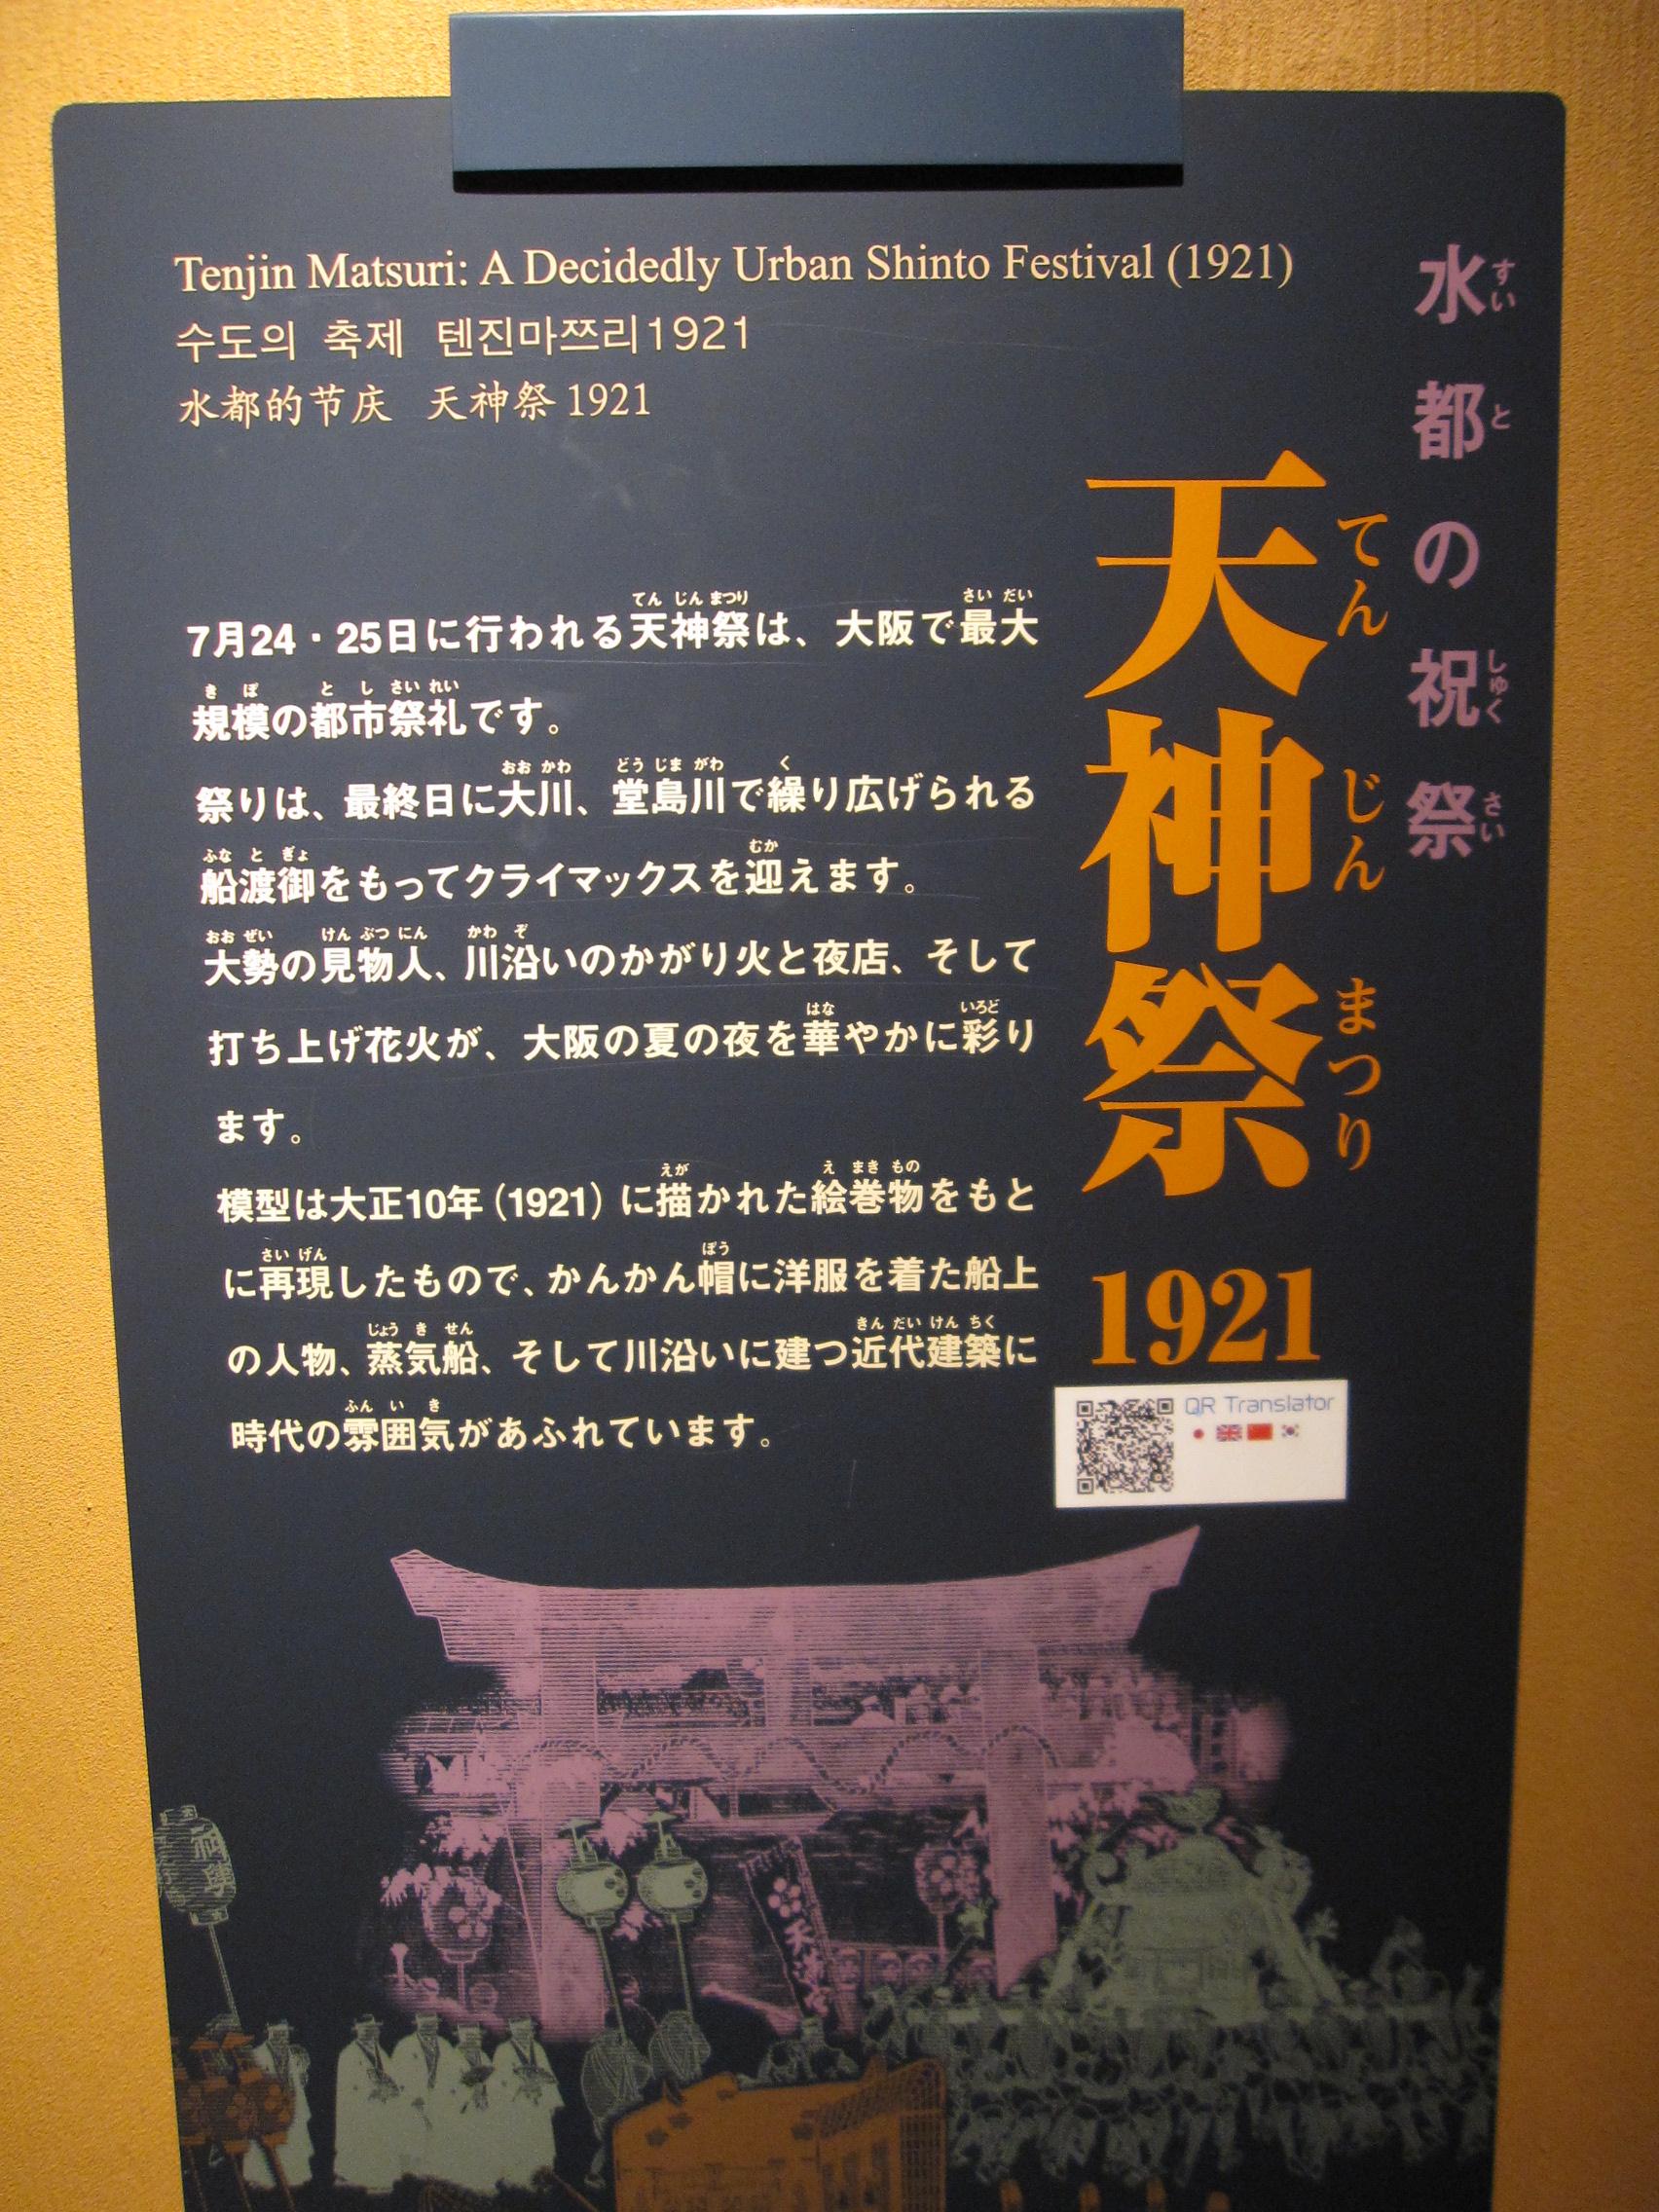 Watch Tower, [오사카] 뭐 이런 데를 가냐고? 은근 재밌다? - 주택박물관 #2, 가차샵, 개선문, 거인, 거인 놀이, 기념품, 놀이동산, 마을 회관, 미니어처, 바둑, 병풍, 스가와라노 미치자네, 아치형, 알까기, 약재상, 에펠탑, 오목, 오사카 기모노, 오사카 기모노 대여, 오사카 사진 찍고 놀기 좋은 곳, 오사카 옛날 주방, 오사카 유카타, 오사카 유카타 대여, 오사카 주택박물관, 오사카 최대 축제, 오사카 축제, 일본 마을 회관, 일본 옛날 주방, 일본 주택 주방, 장난감 가게, 진격의 거인 놀이, 츠텐카쿠, 텐진 마쯔리, 텐진 마츠리, 통천각, 통천각 역사, 피규어, 피규어 샵, 학문의 신, 한약방